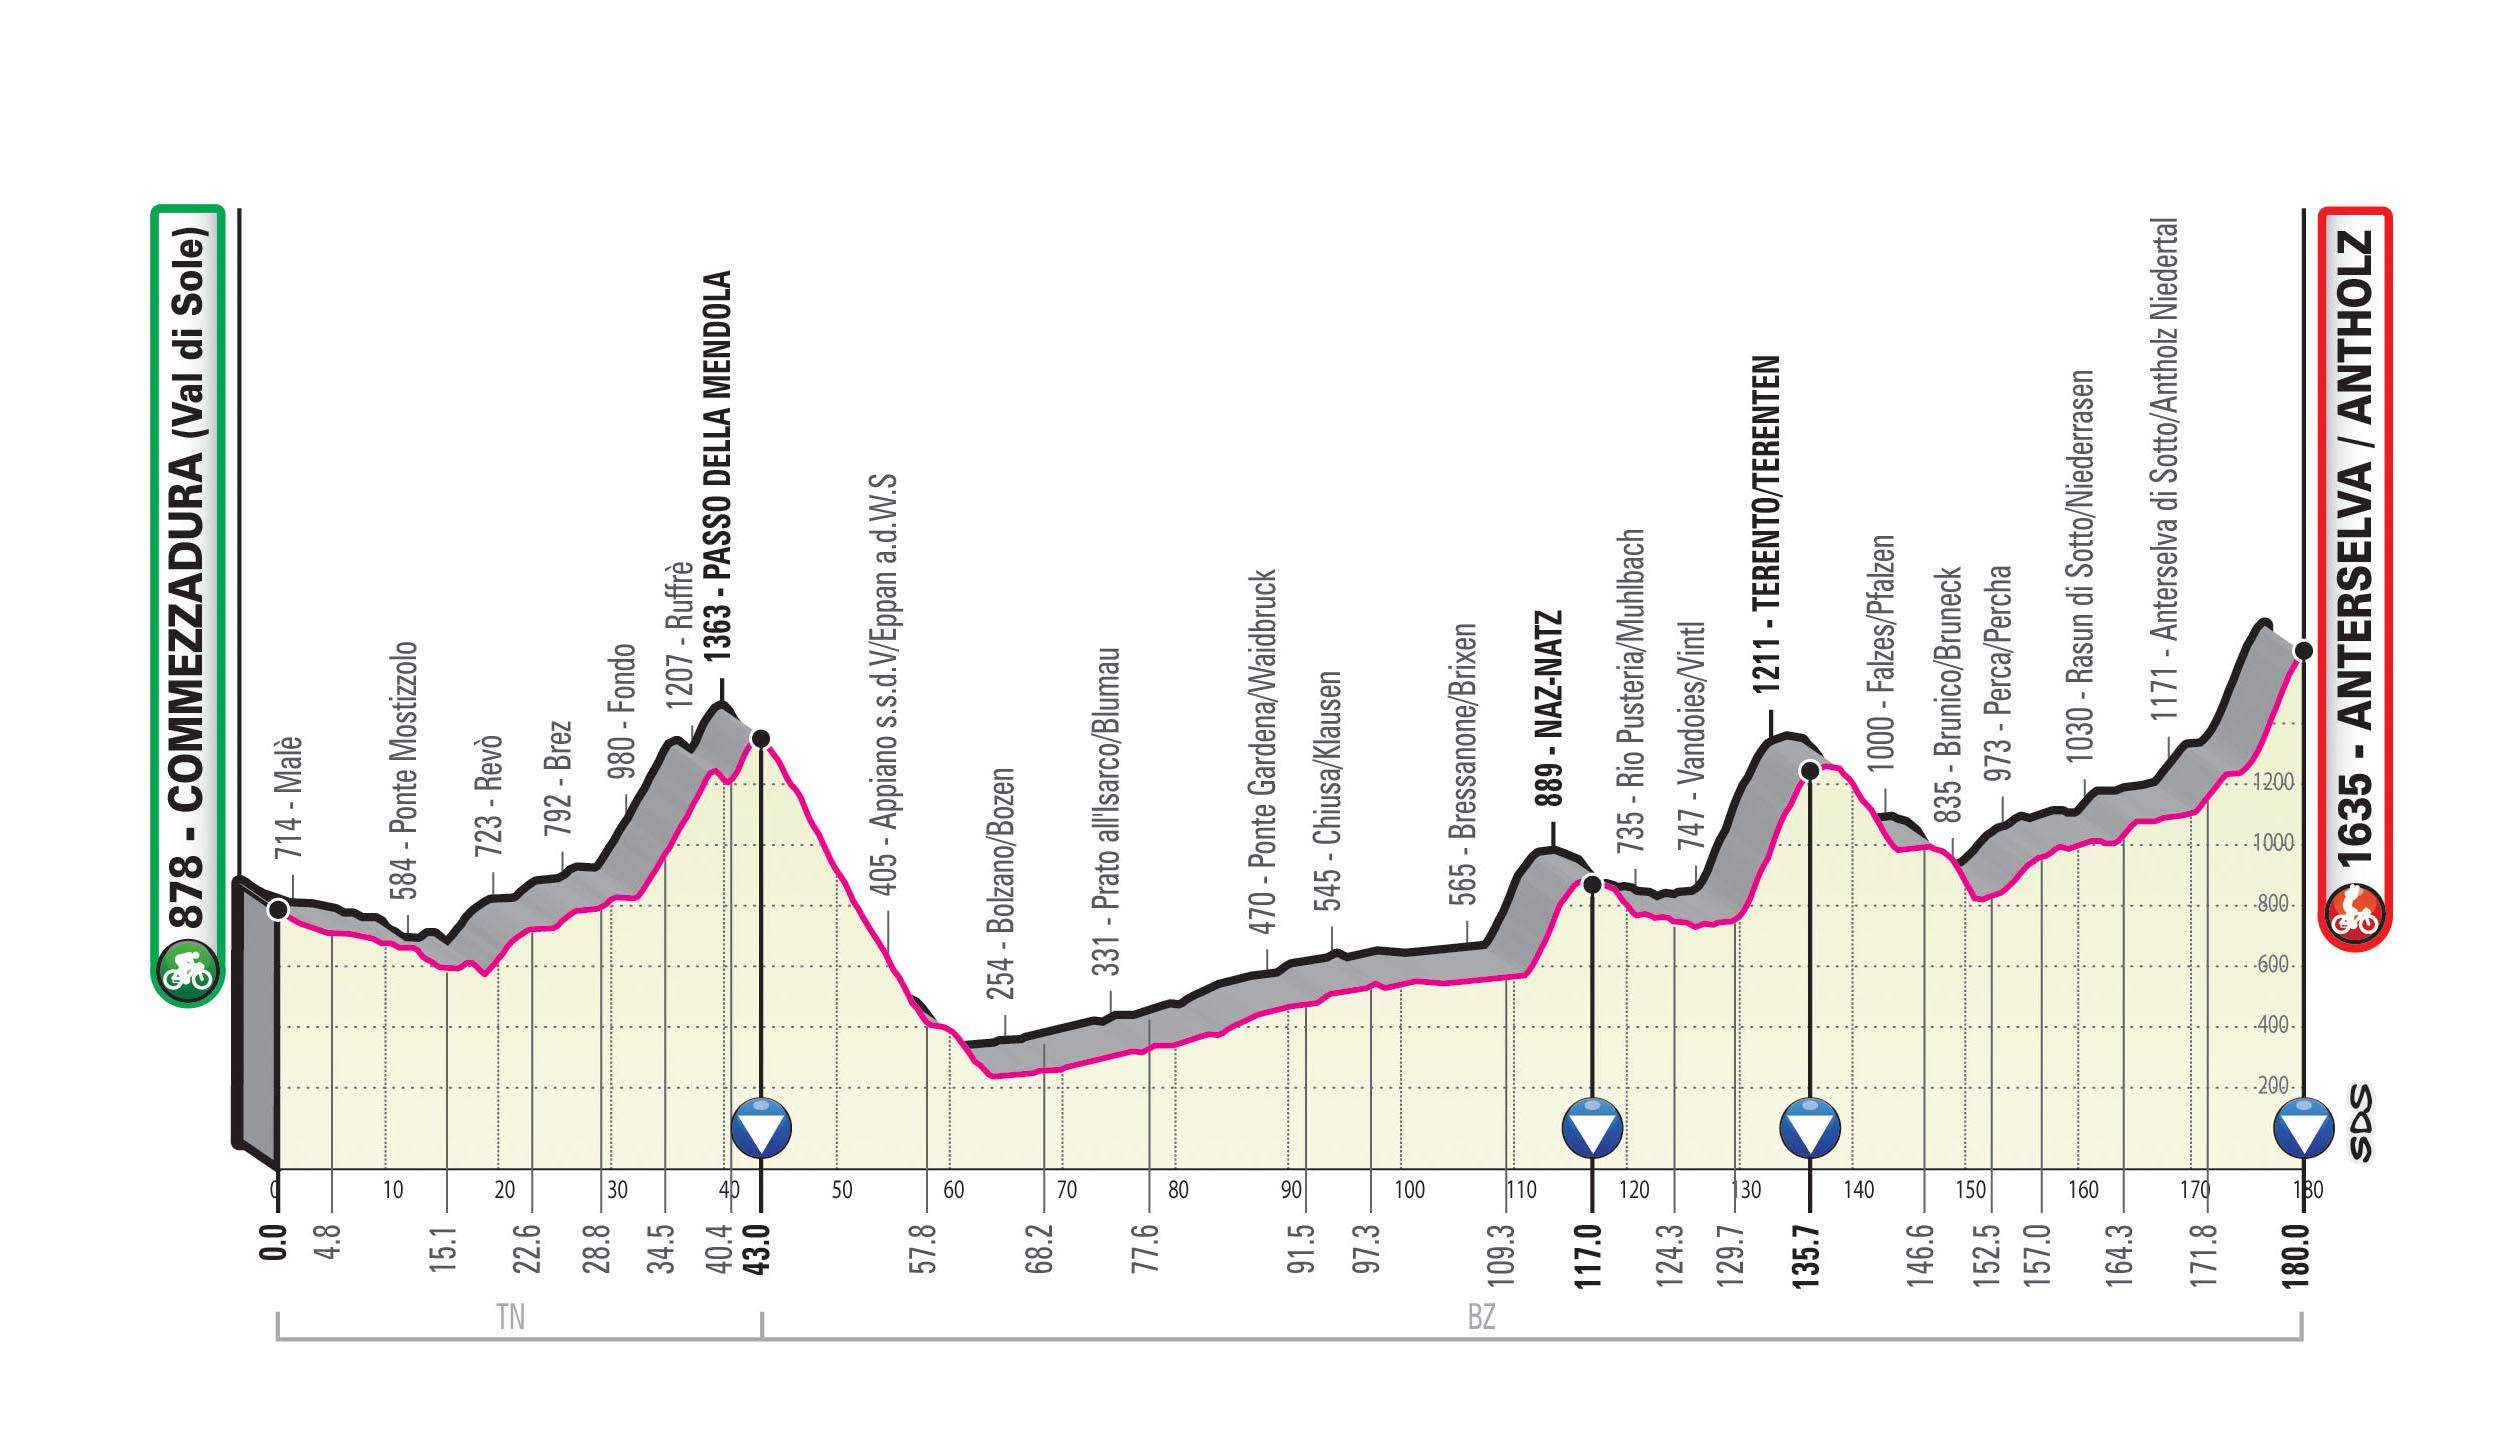 Spoznajmo Giro: Do biatlonskega središča